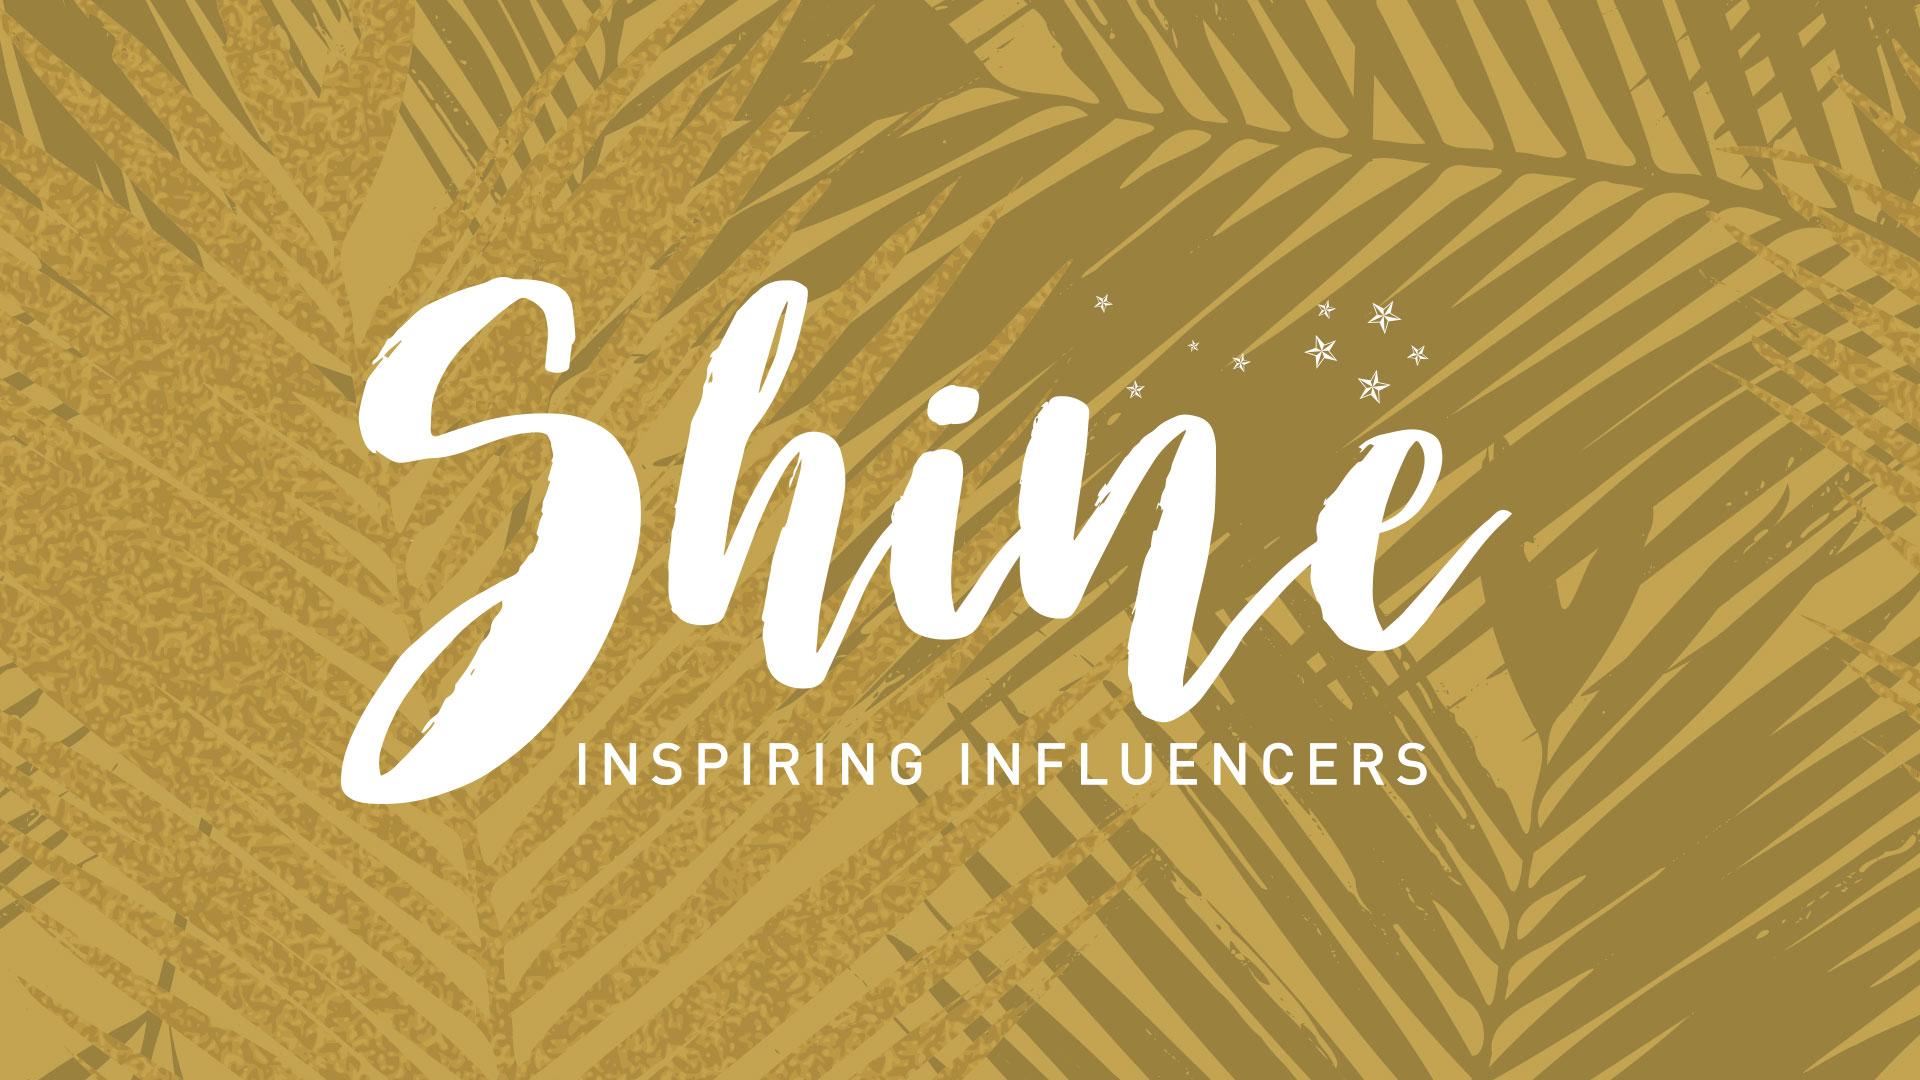 shine inspiring influencers